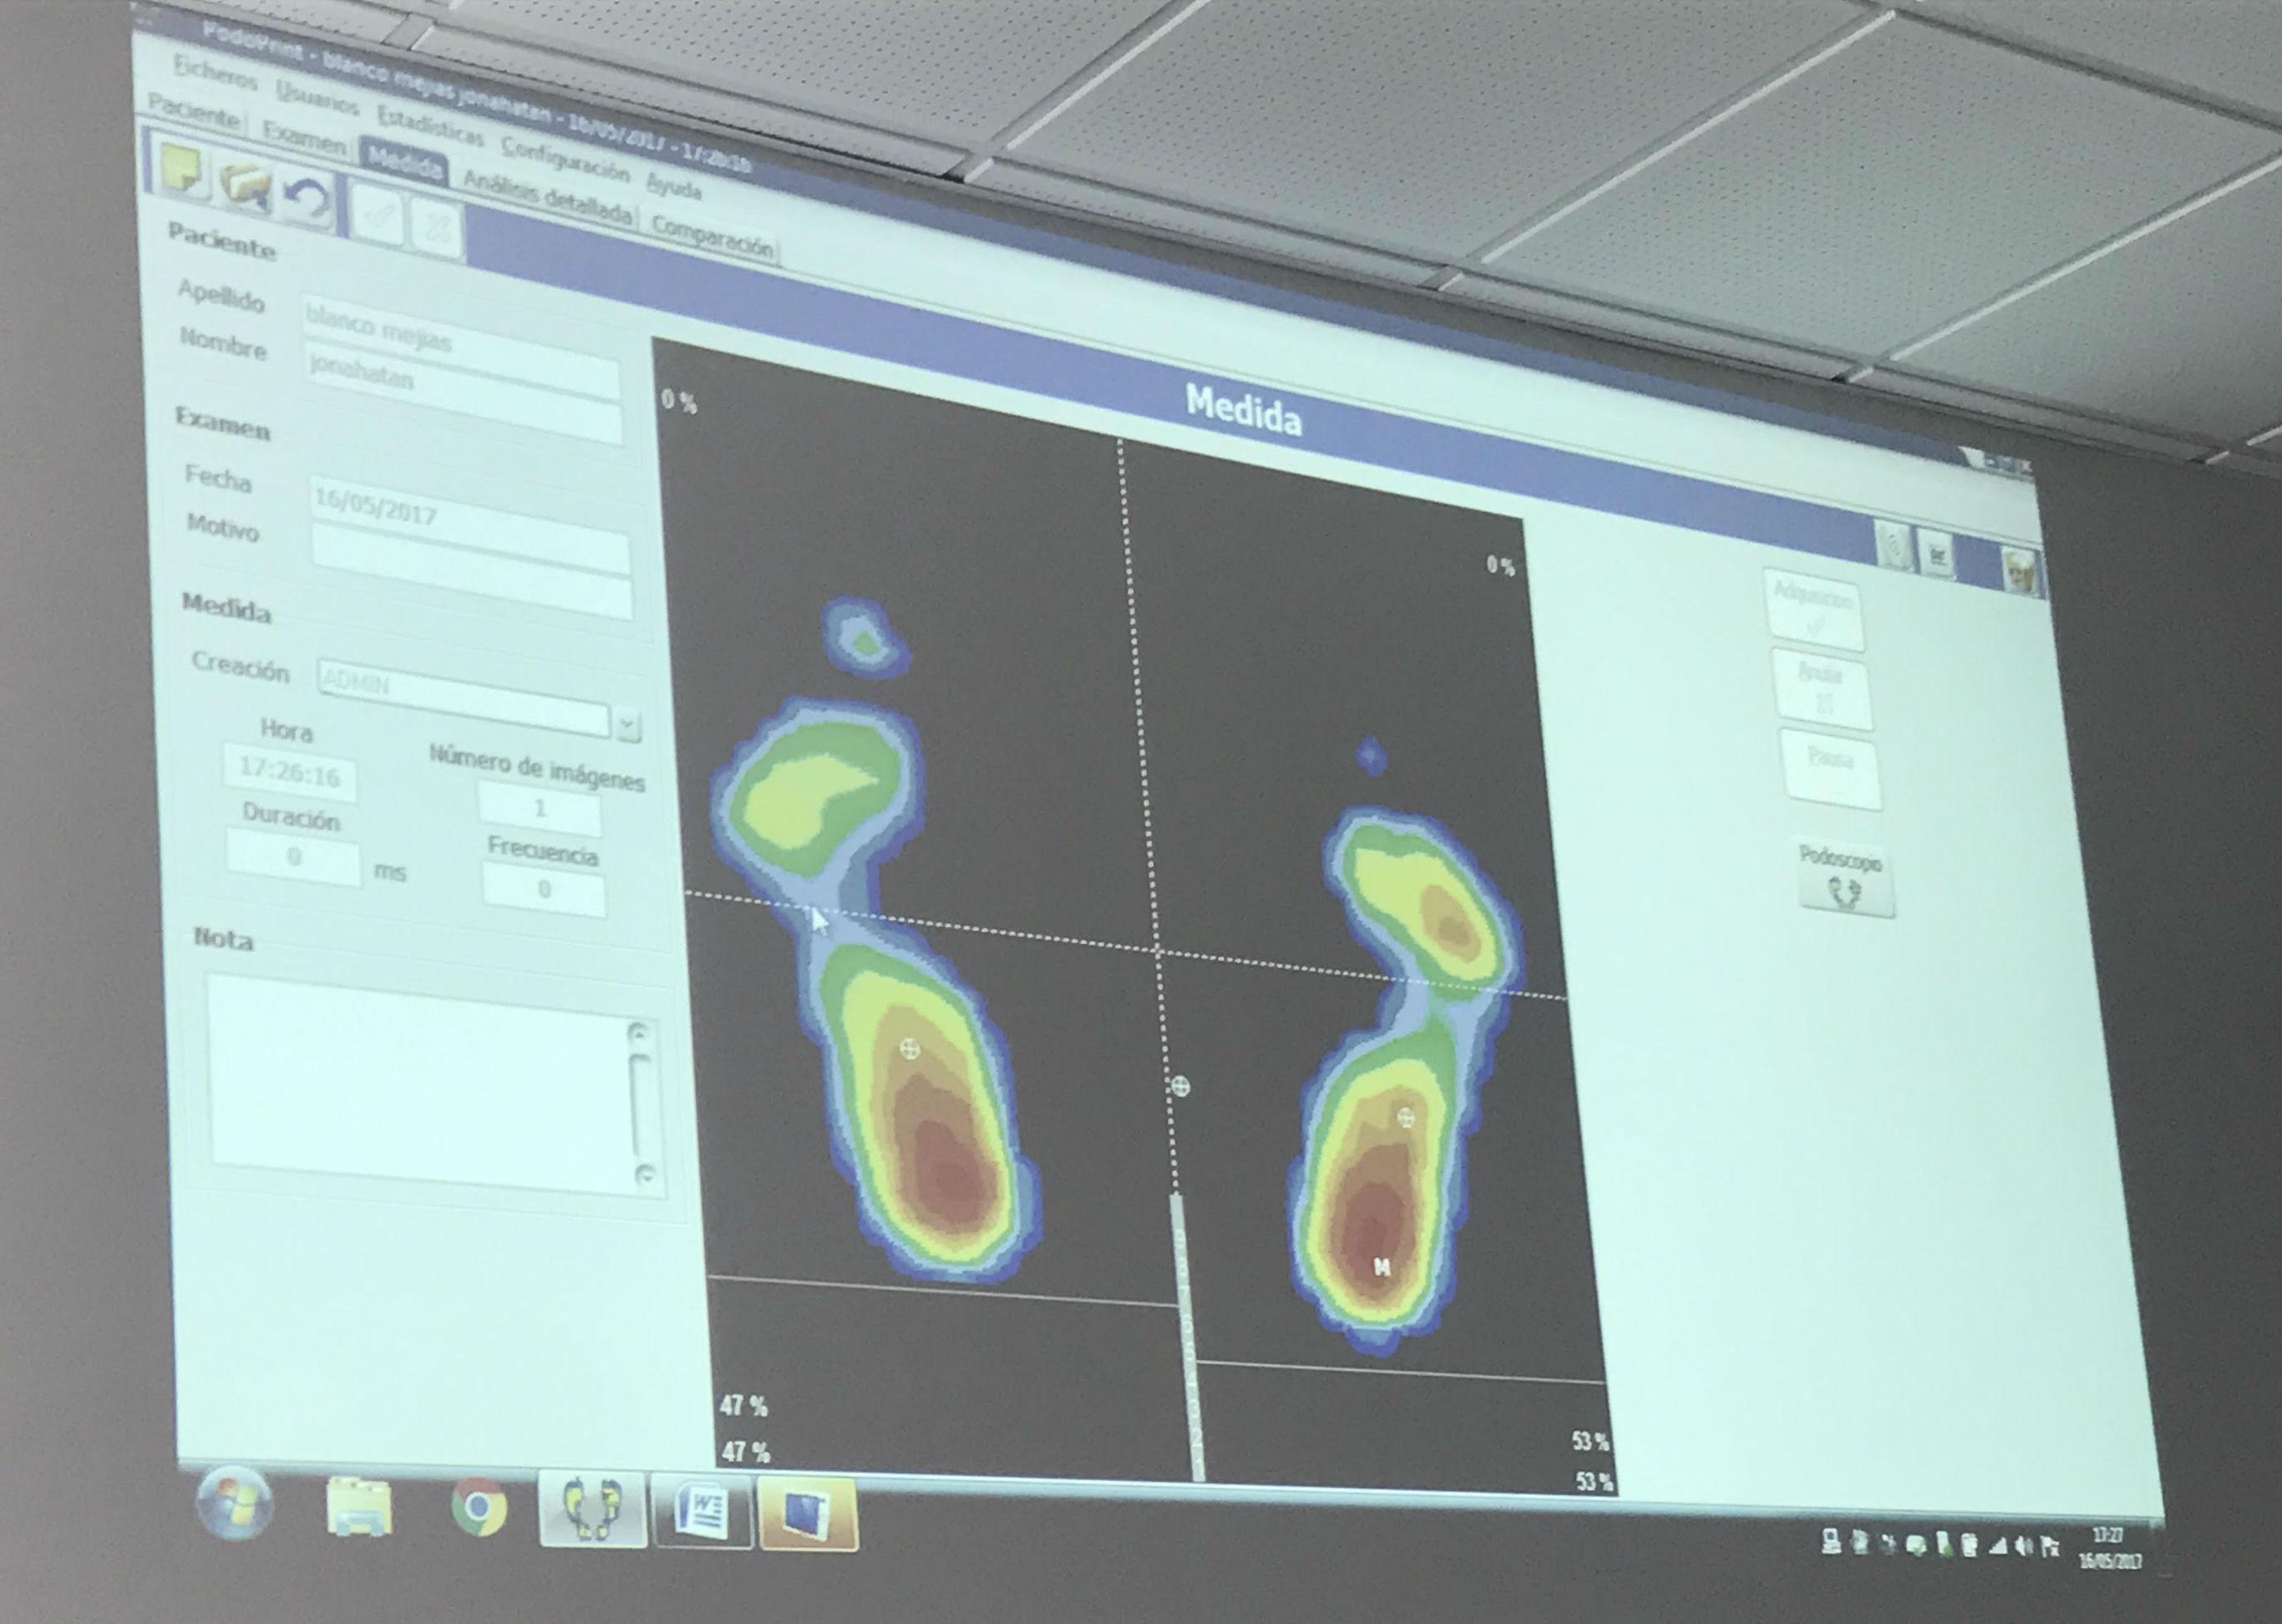 Estudio de la pisada para evitar lesiones y detectar for Estudio de pisada